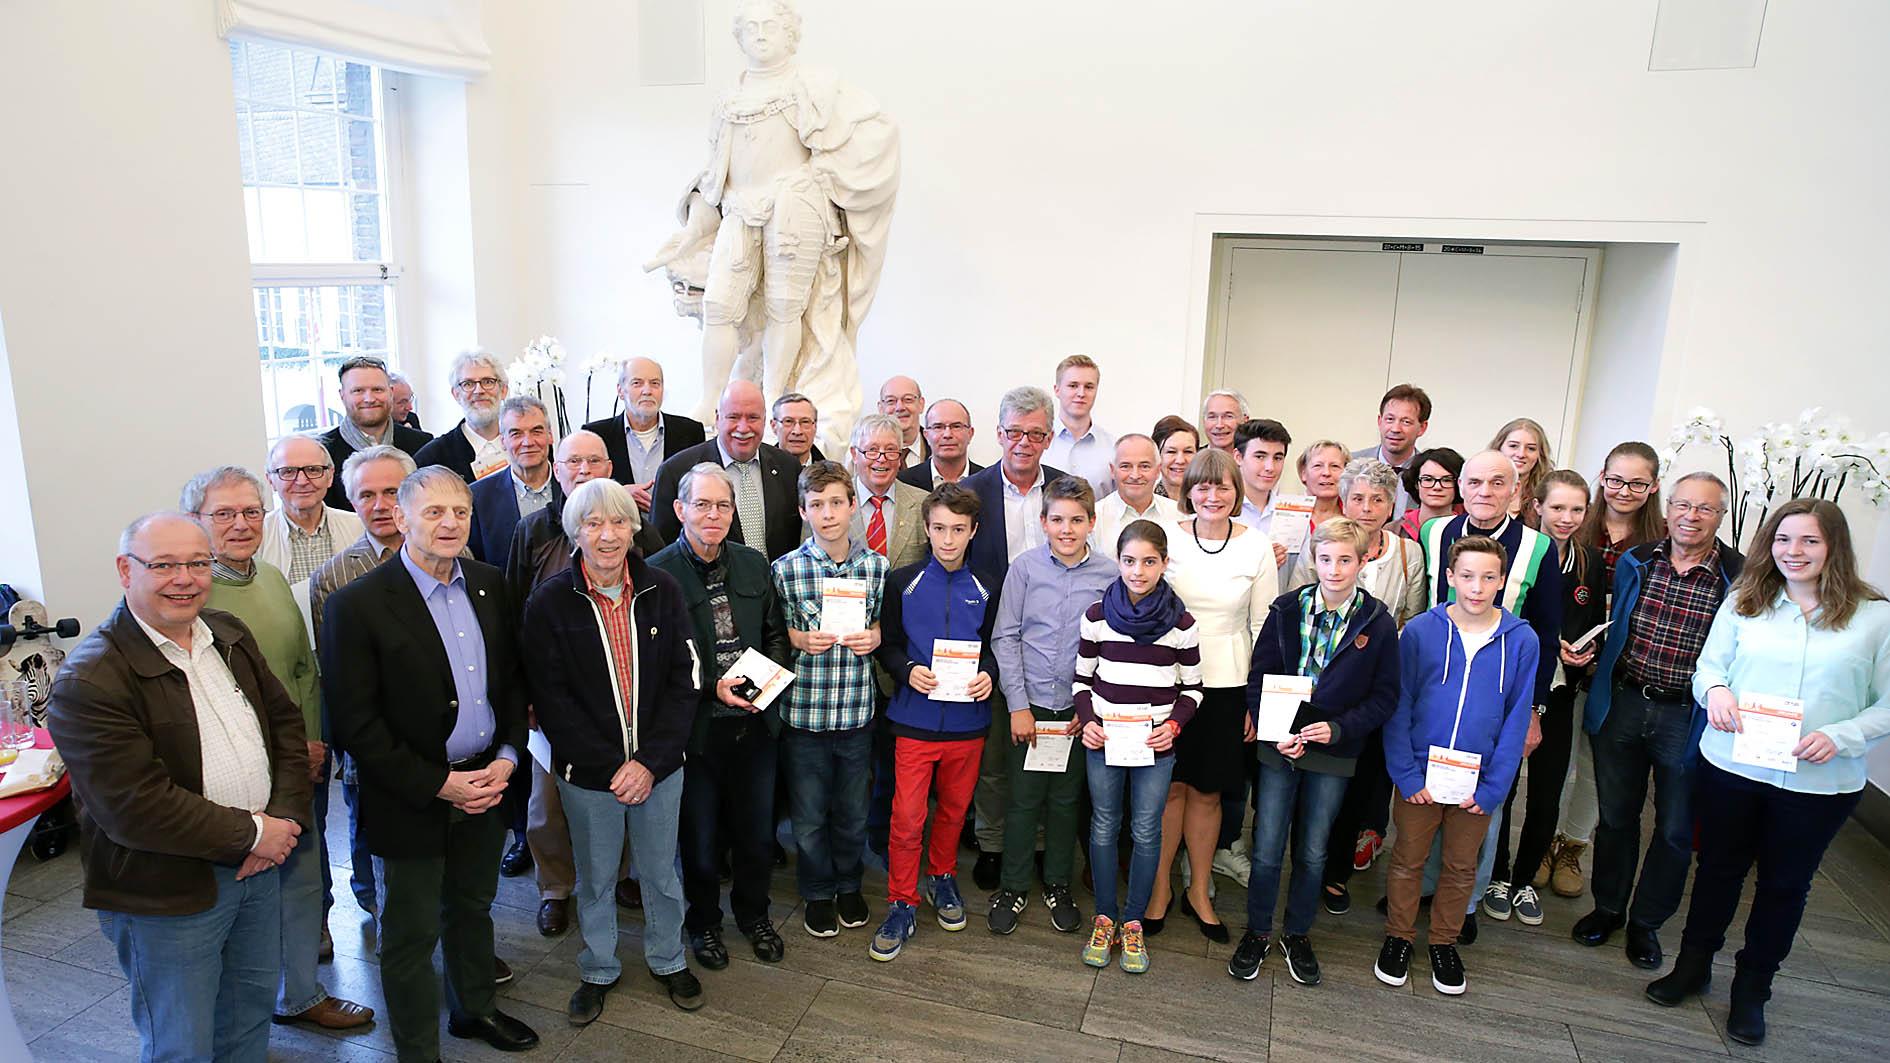 Bürgermeisterin Klaudia Zepuntke Ehrt Träger Des Goldenen Sportabzeichens (Foto: Landeshauptstadt Düsseldorf, Ingo Lammert)